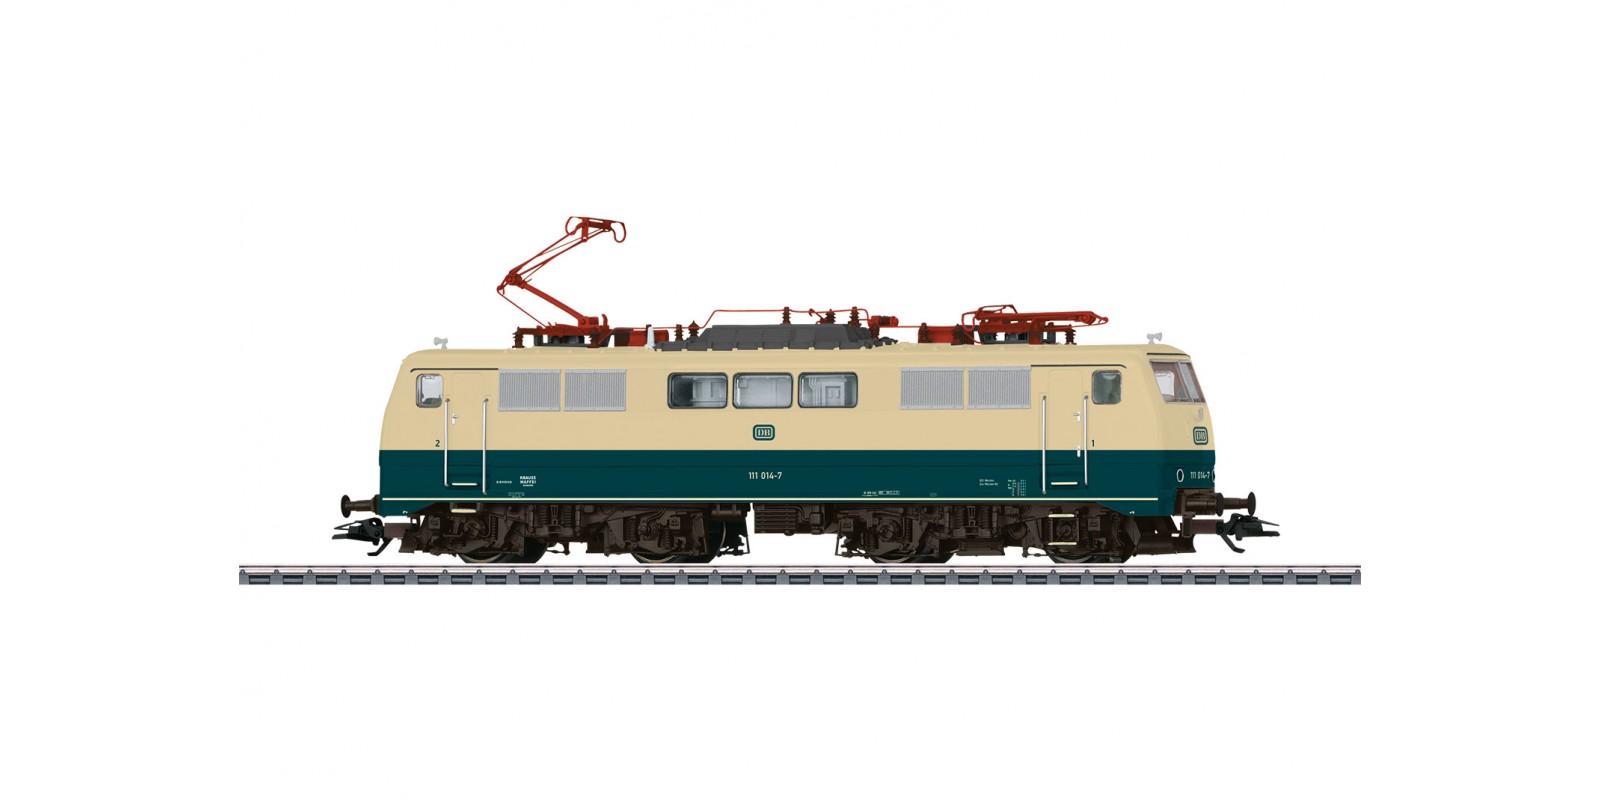 37314 Class 111 Electric Locomotive